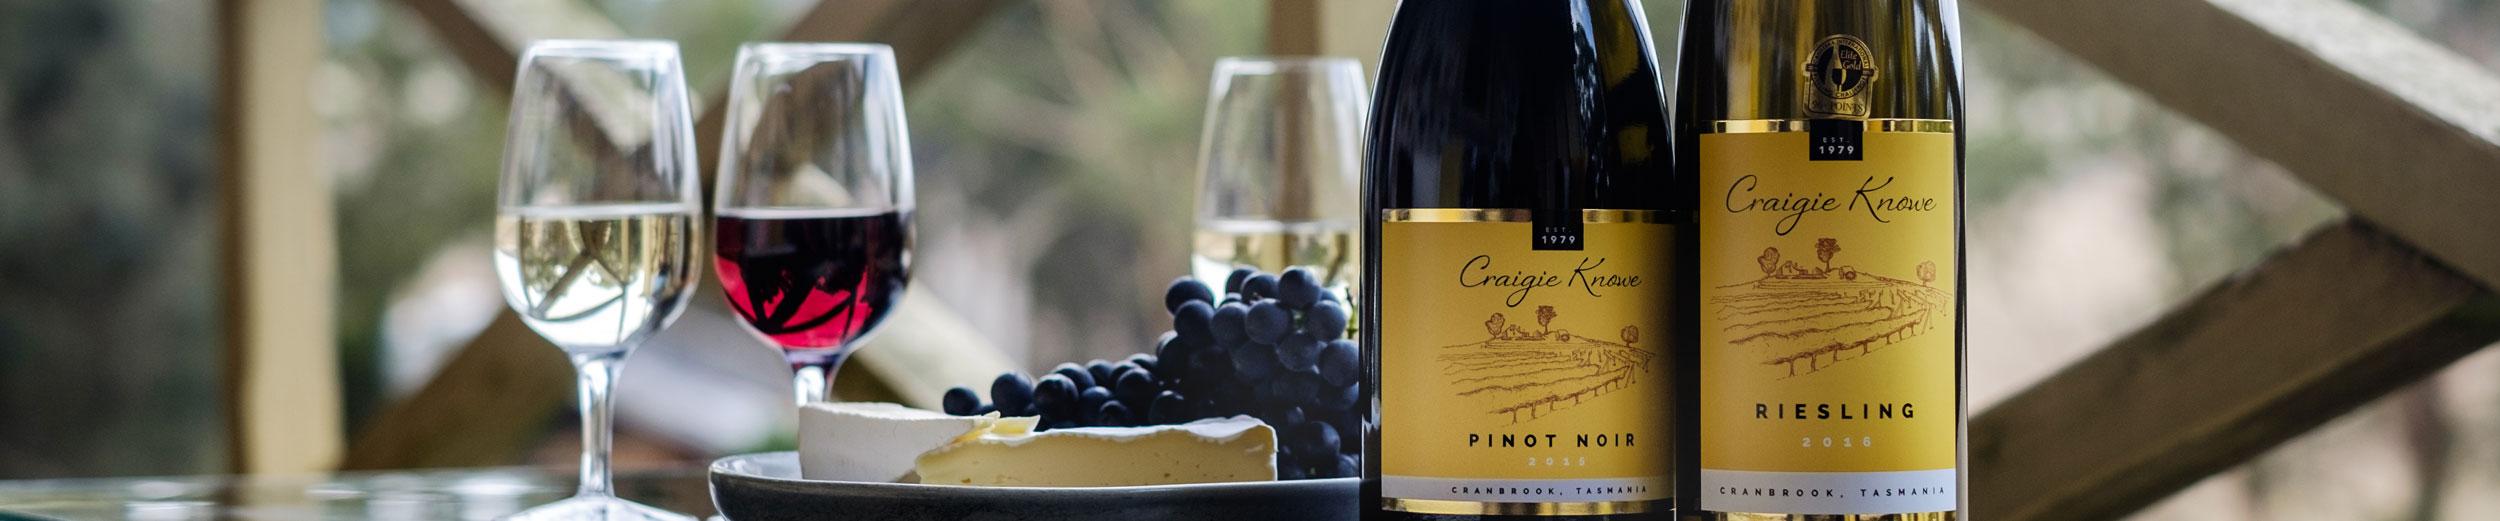 Wine Tasmania, East Coast Tasmania, Tasmanian Wine